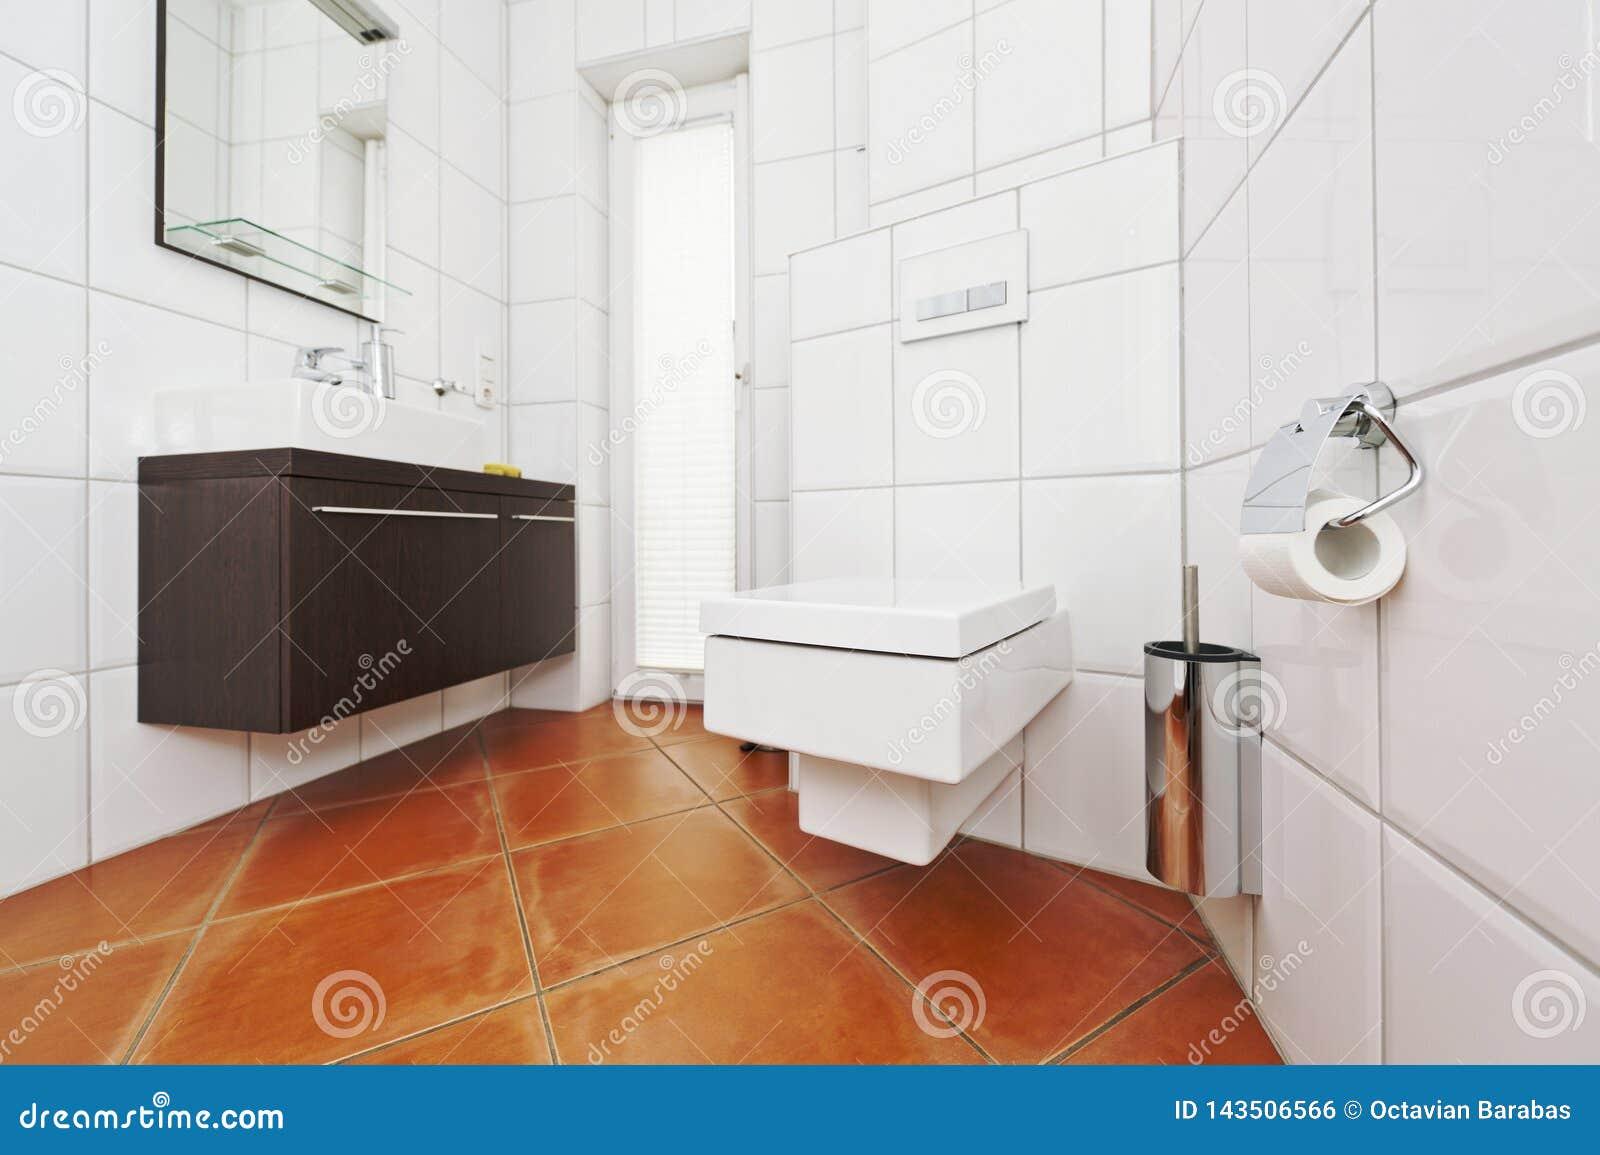 Badezimmerinnenraum in den weißen und braunen Farben